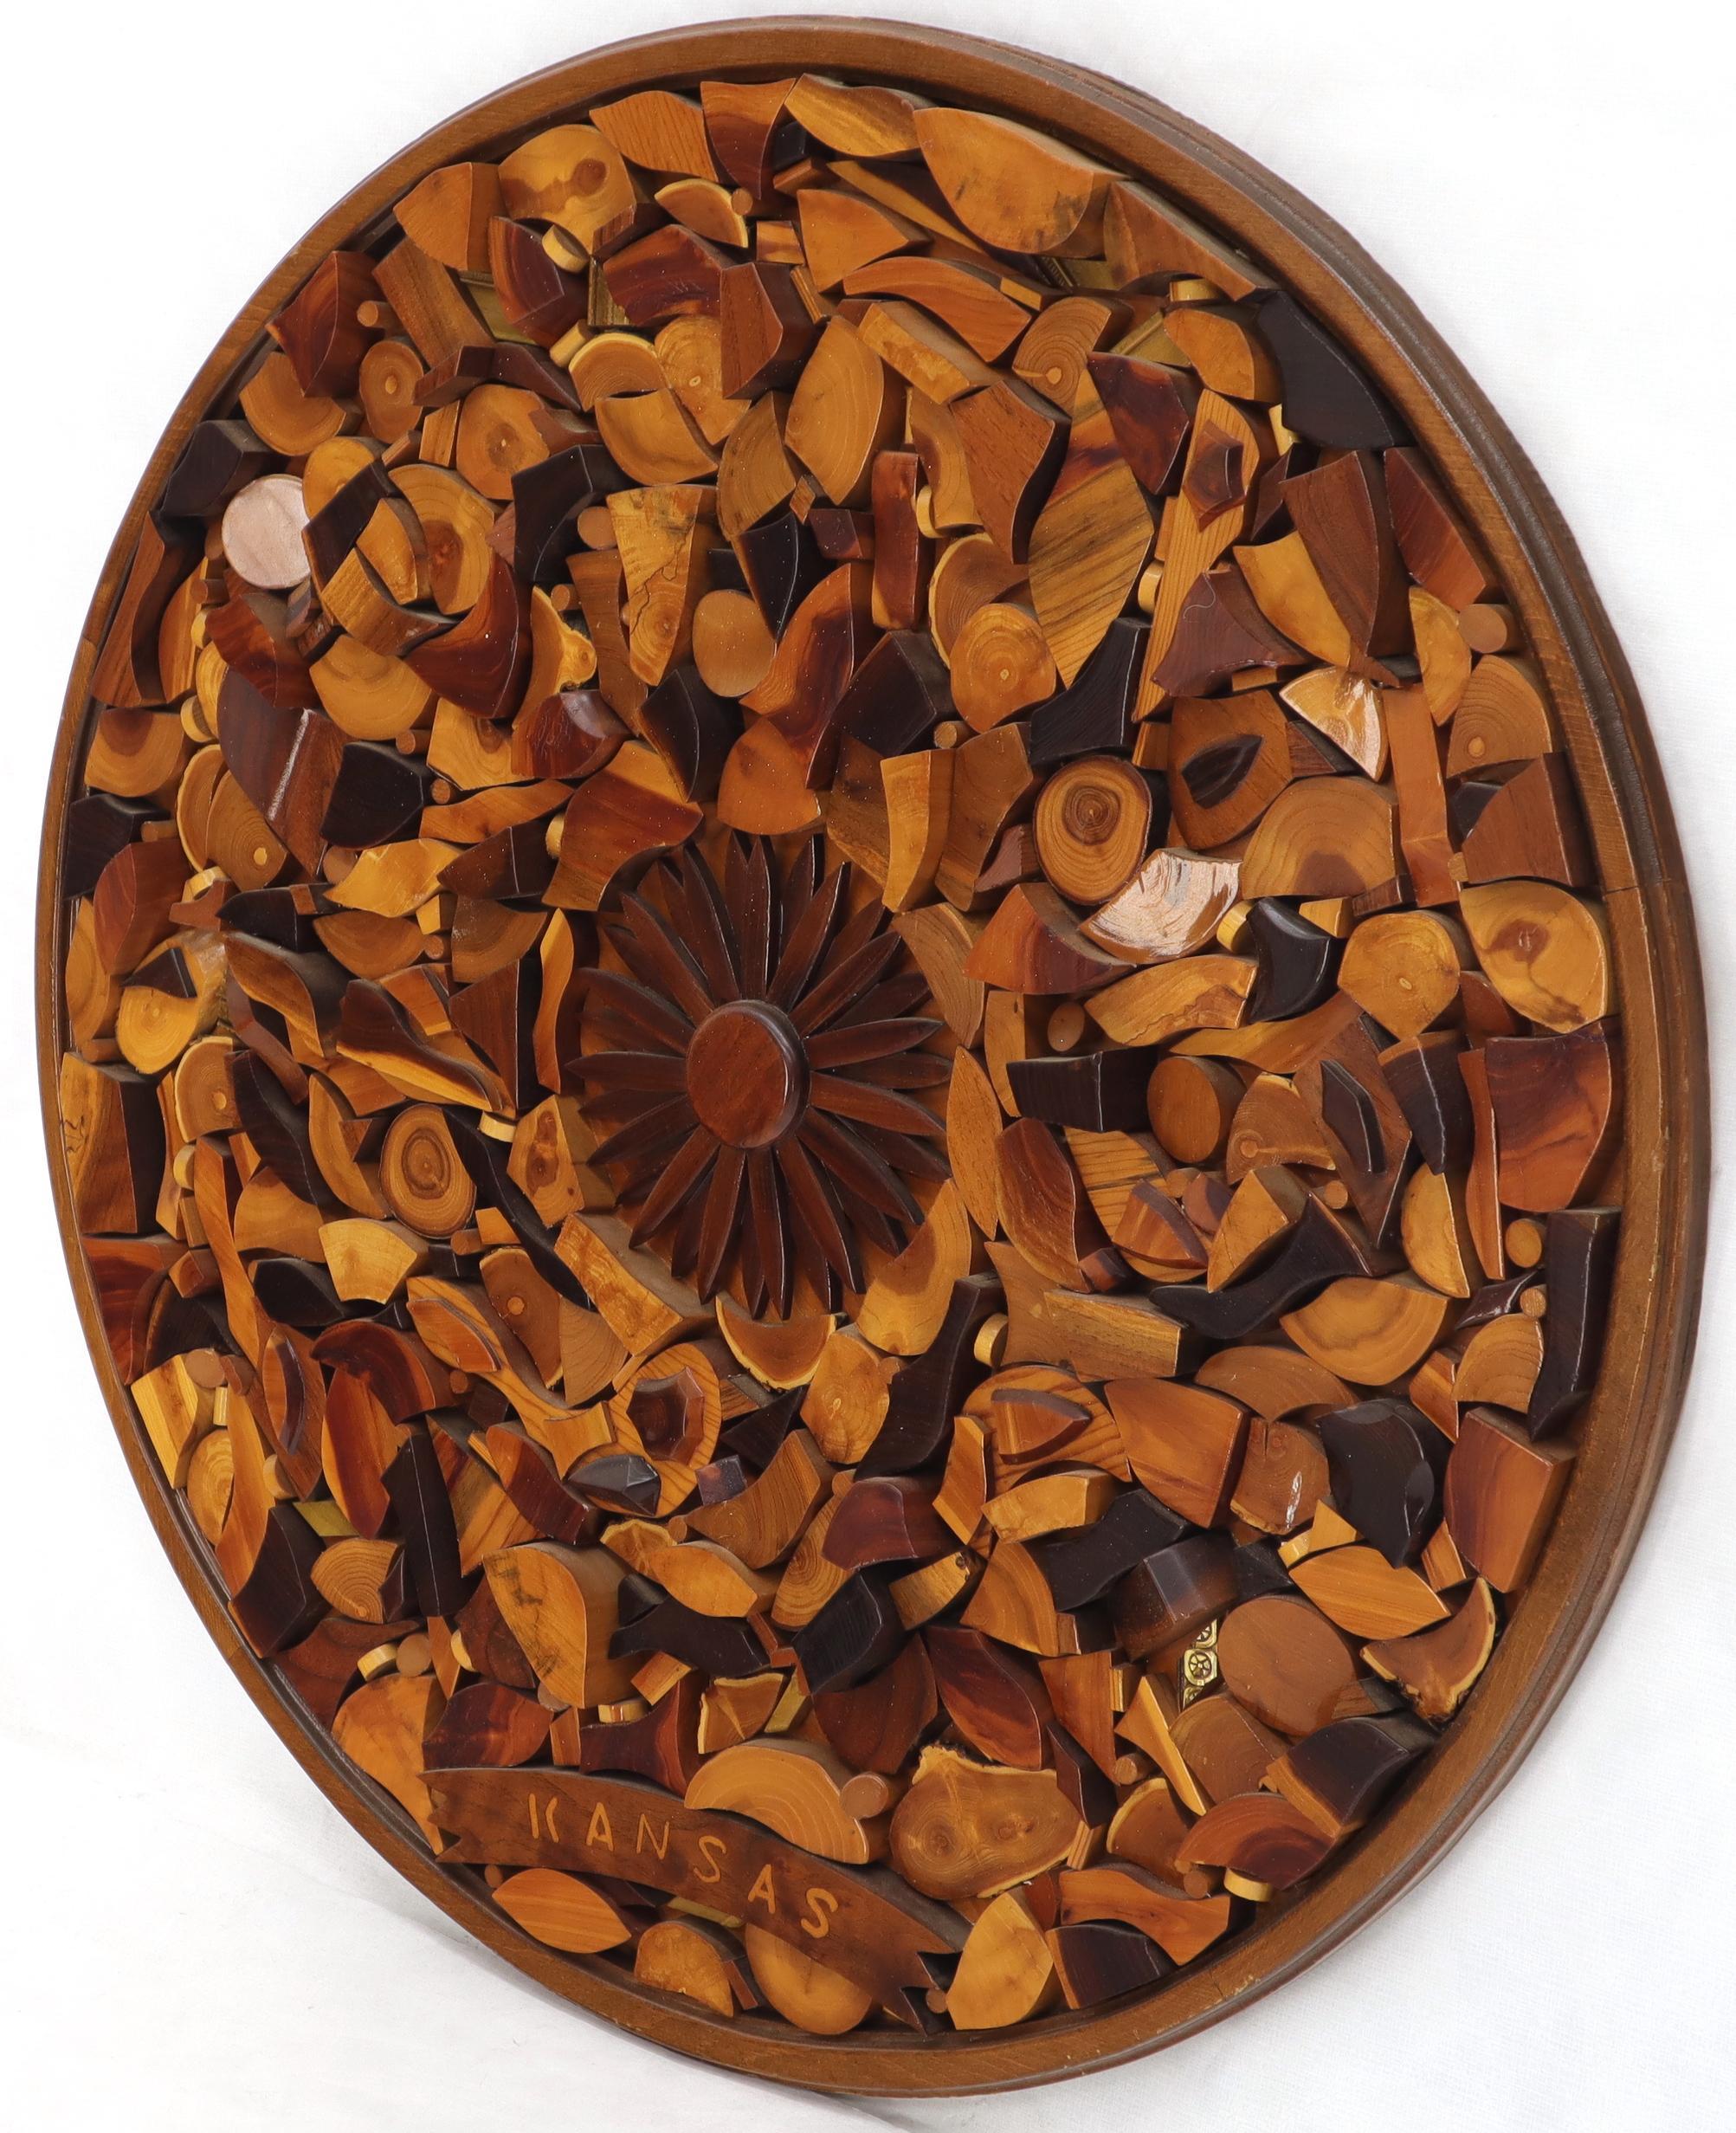 Round Wooden Wall Plaque Sculpture Sunburst